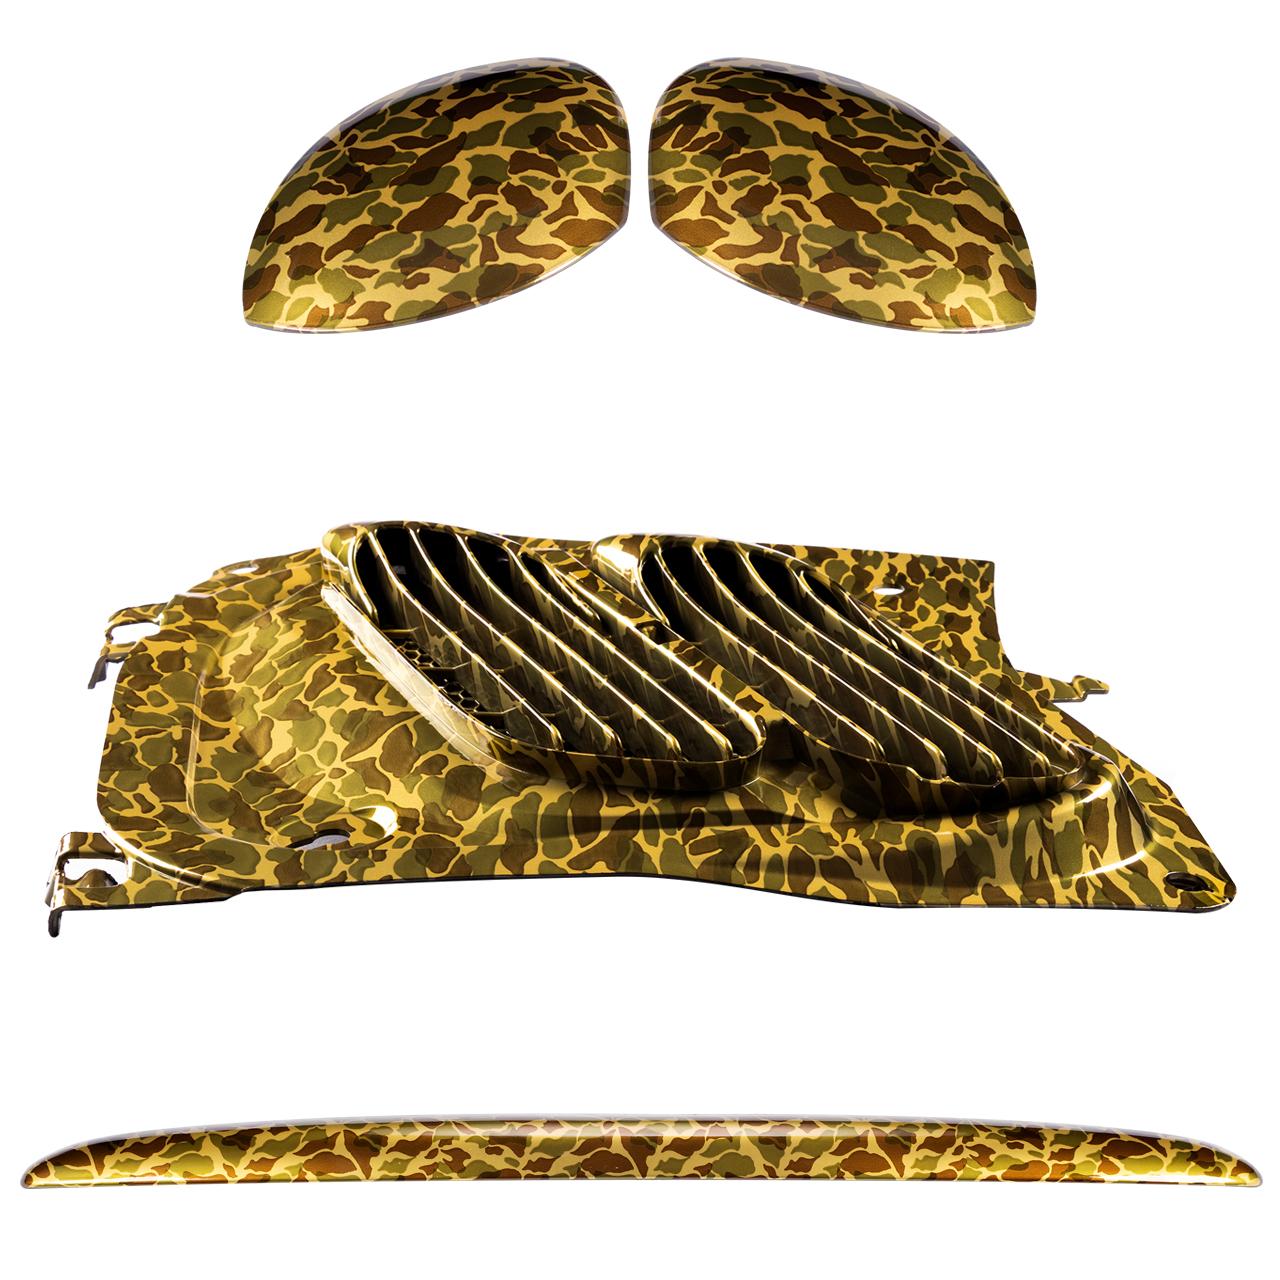 مجموعه تریم استیلا مدل Golden Army مناسب برای پژو 206